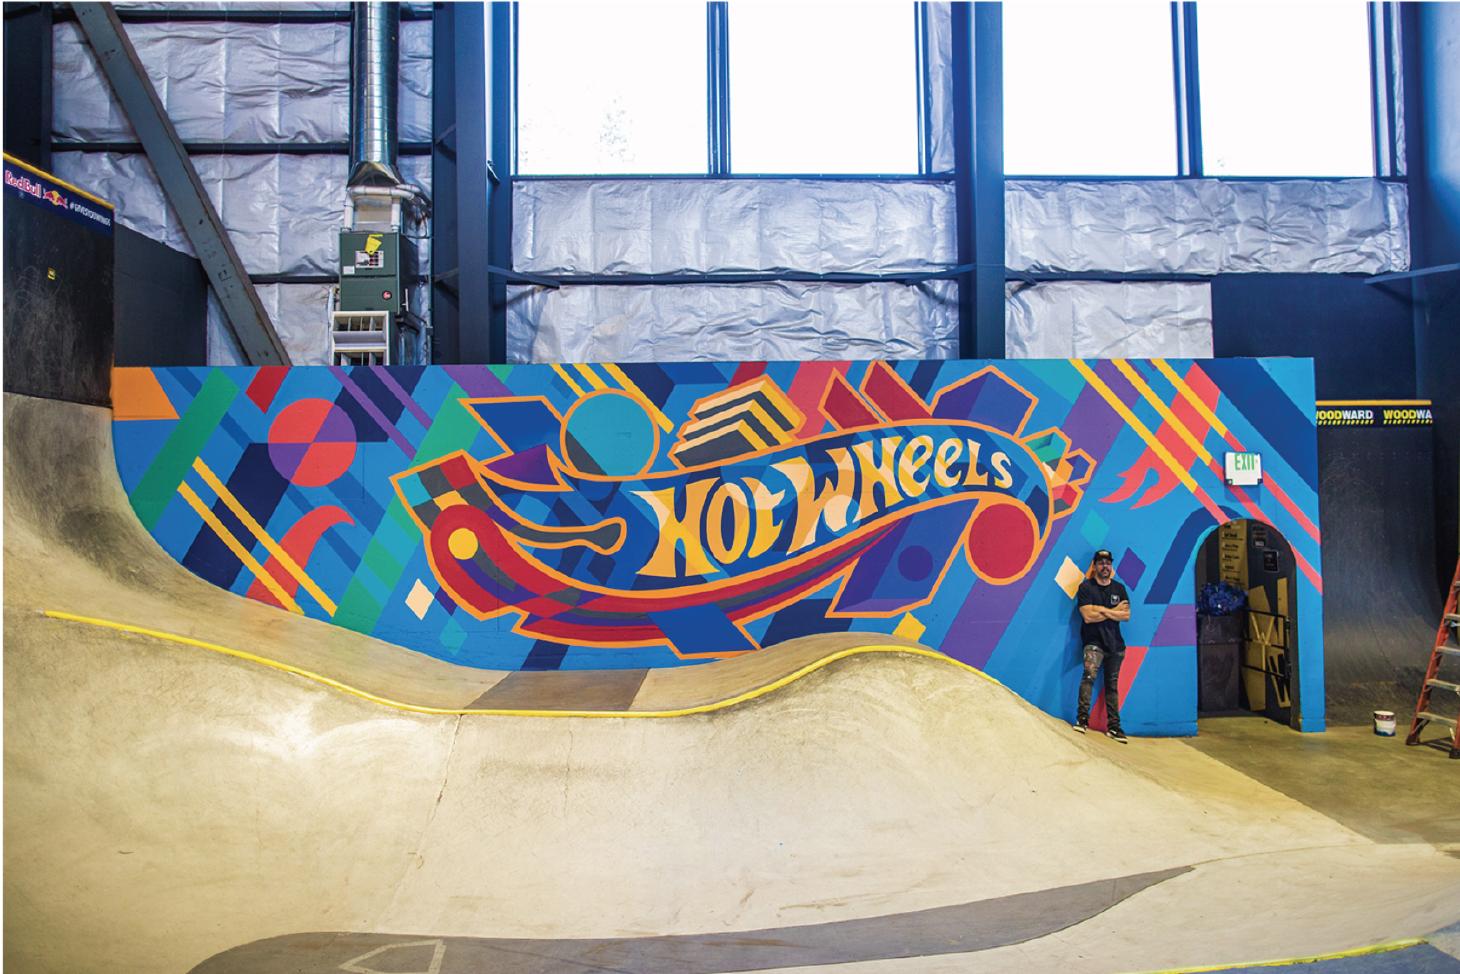 TK - Wall Hotwheels.png